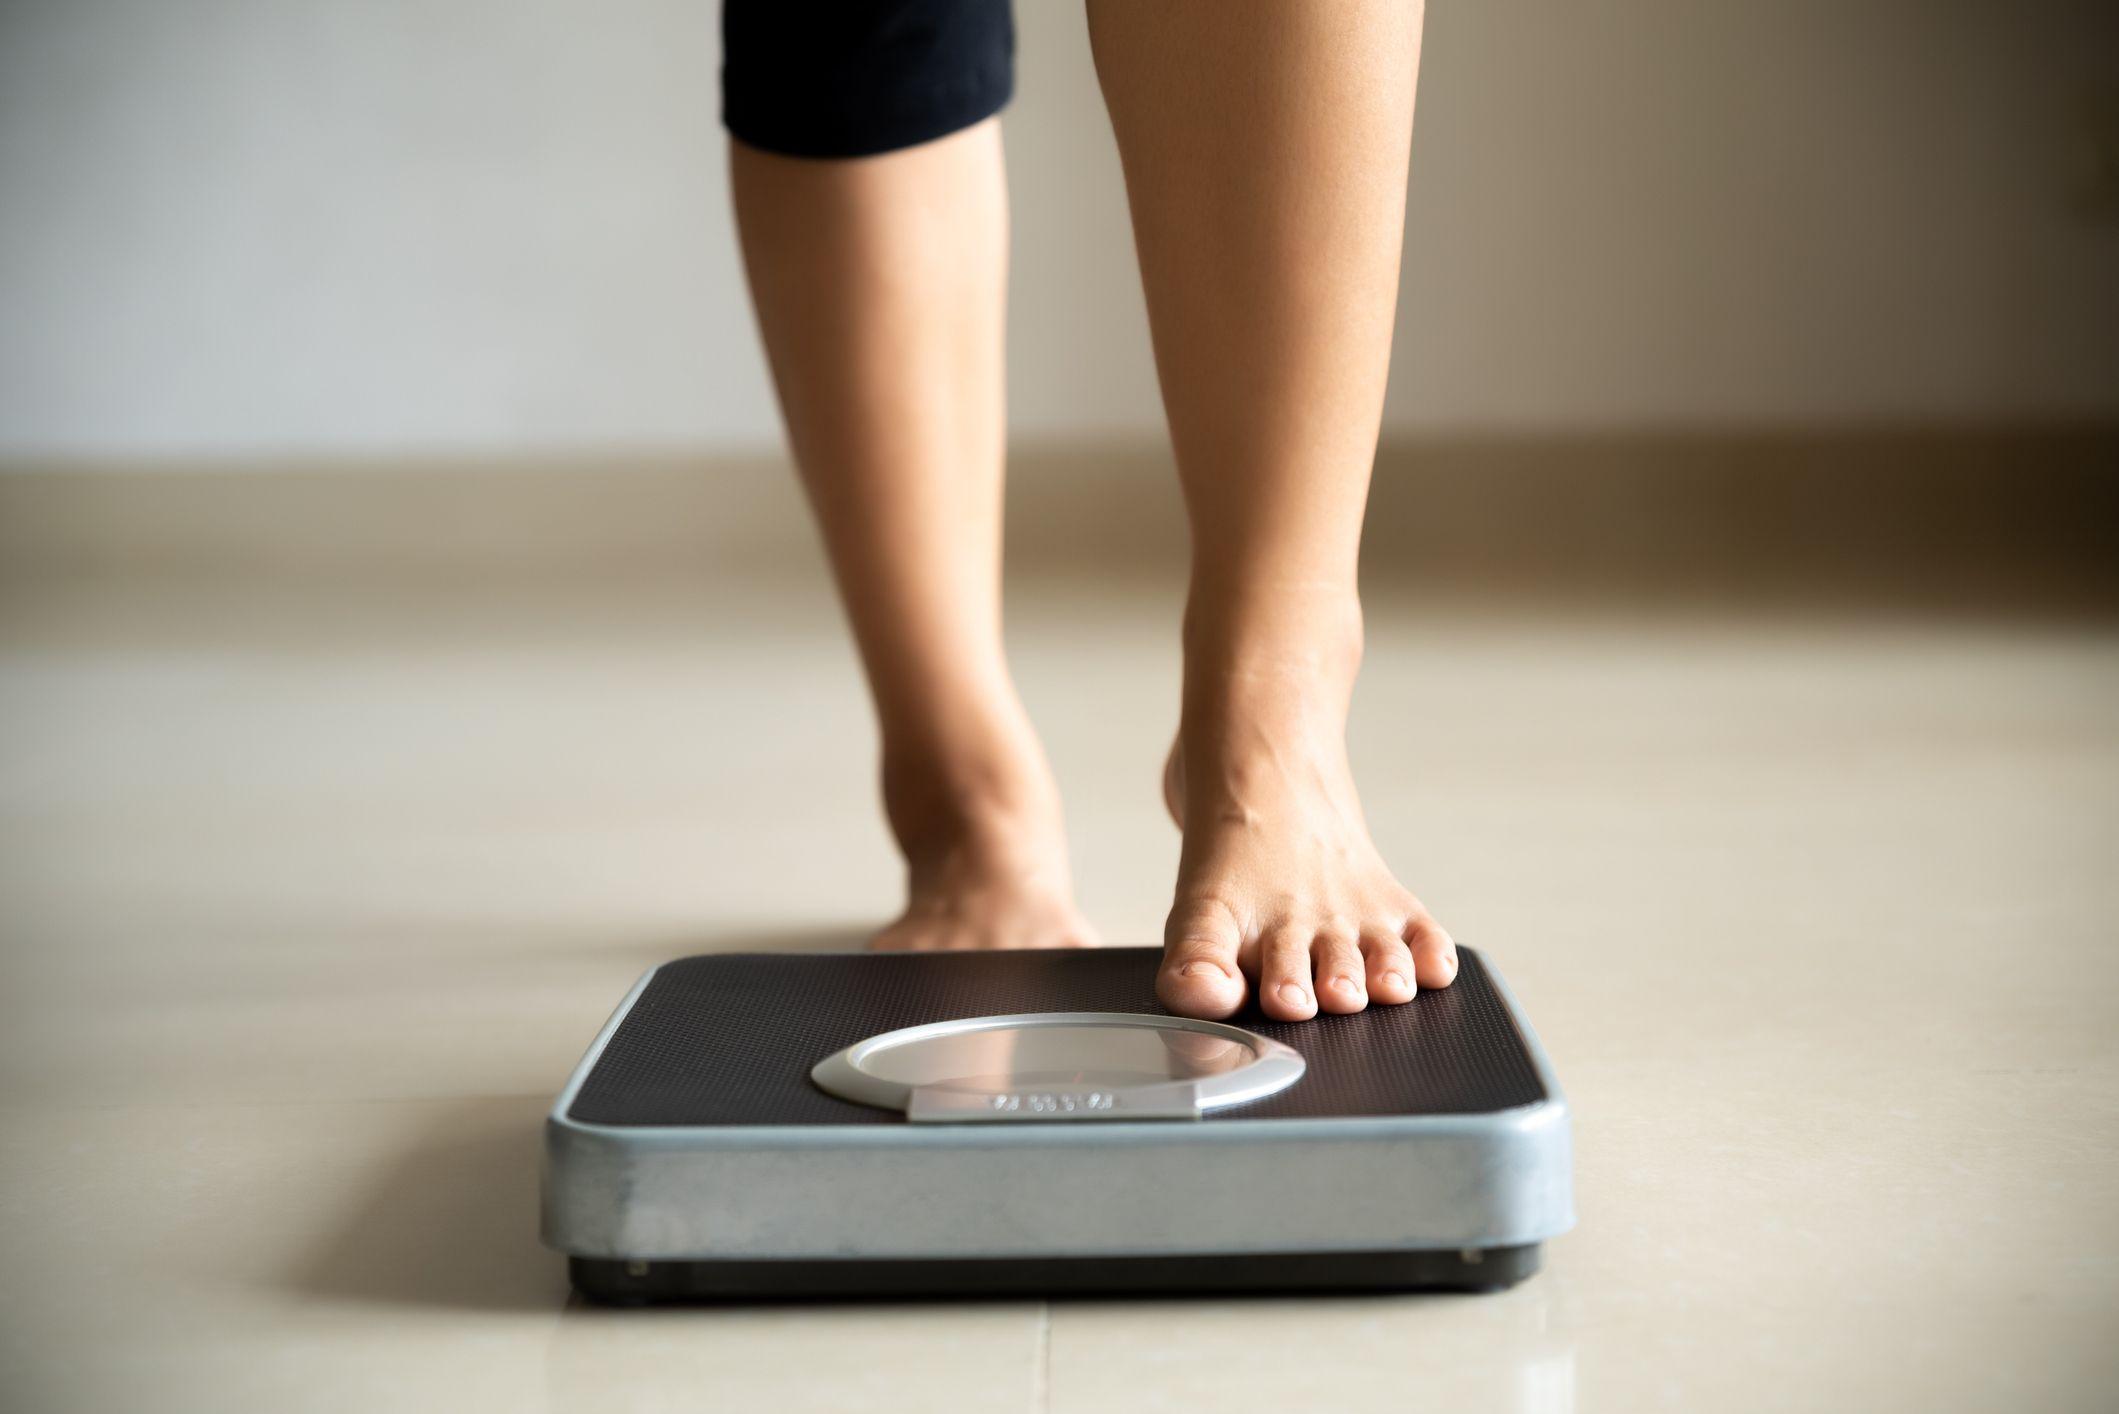 Pourquoi lever lourd et manger plus est le meilleur moyen de perdre de la graisse ?